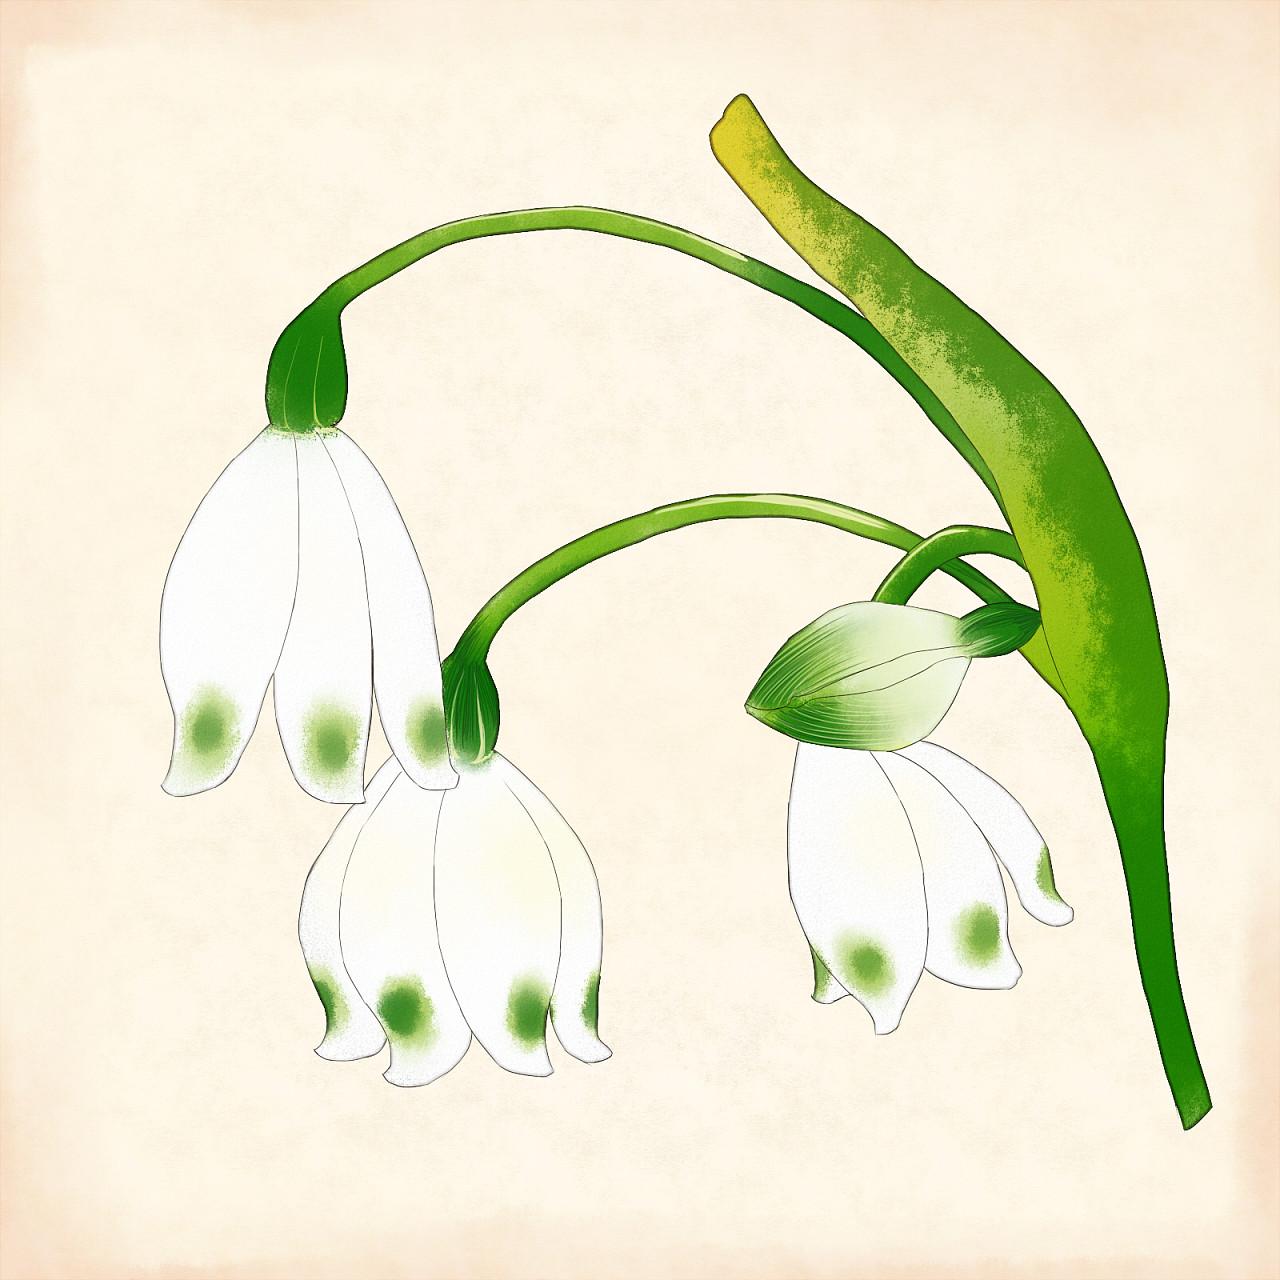 一些植物插画